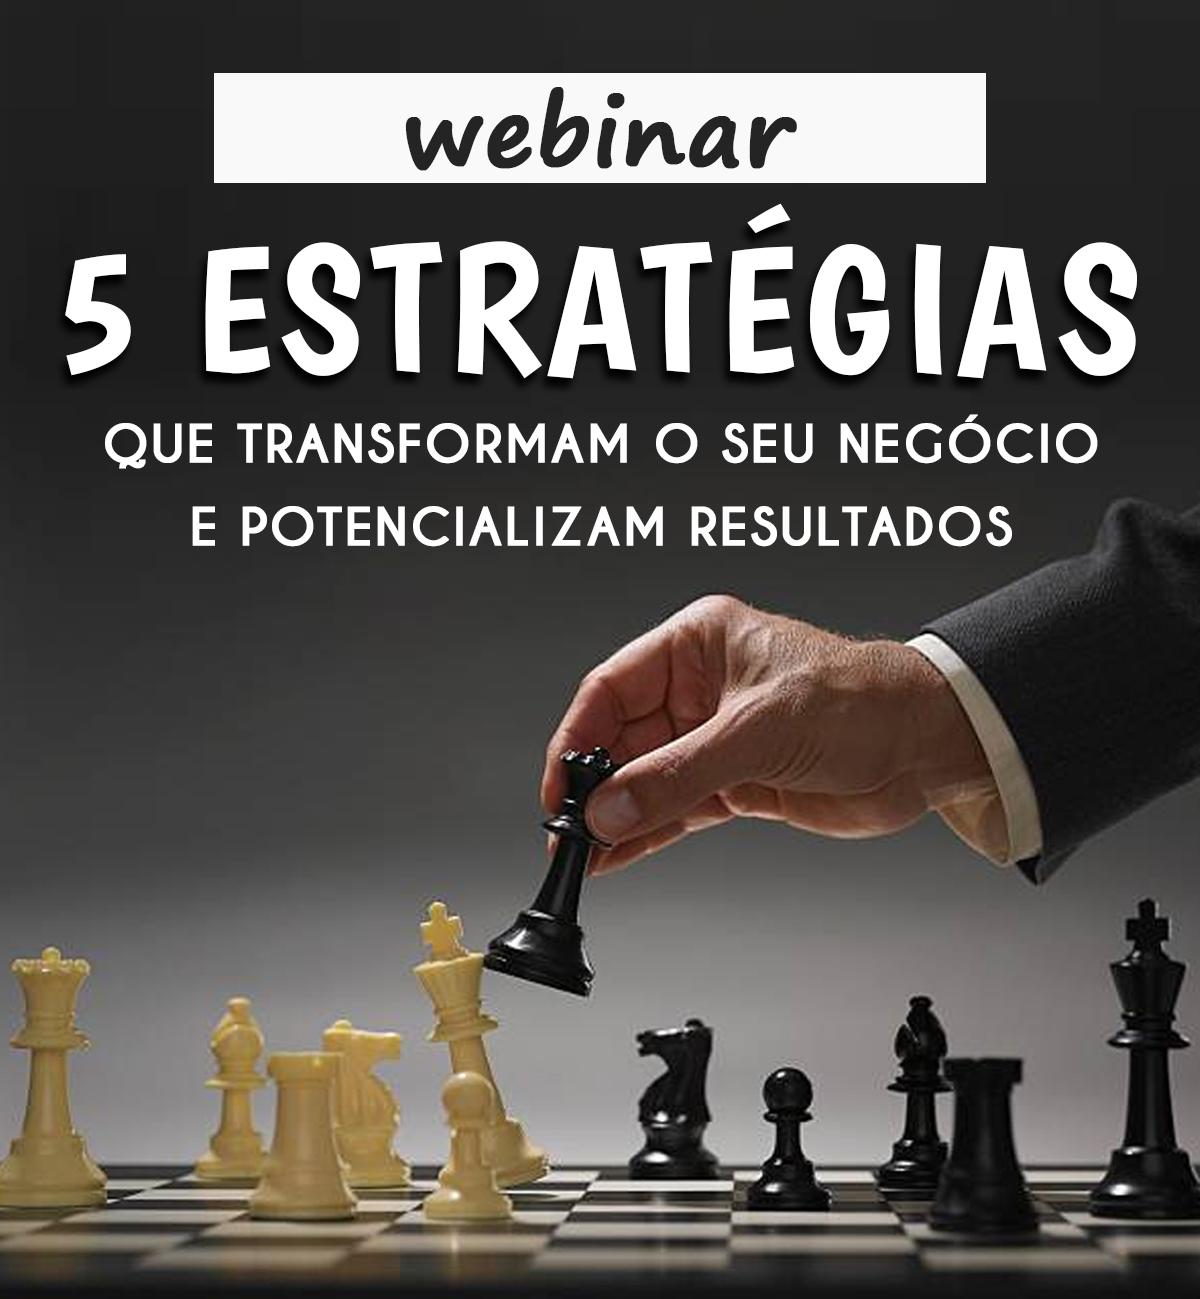 5 Estratégias que transformam o seu negócio e potencializam resultados